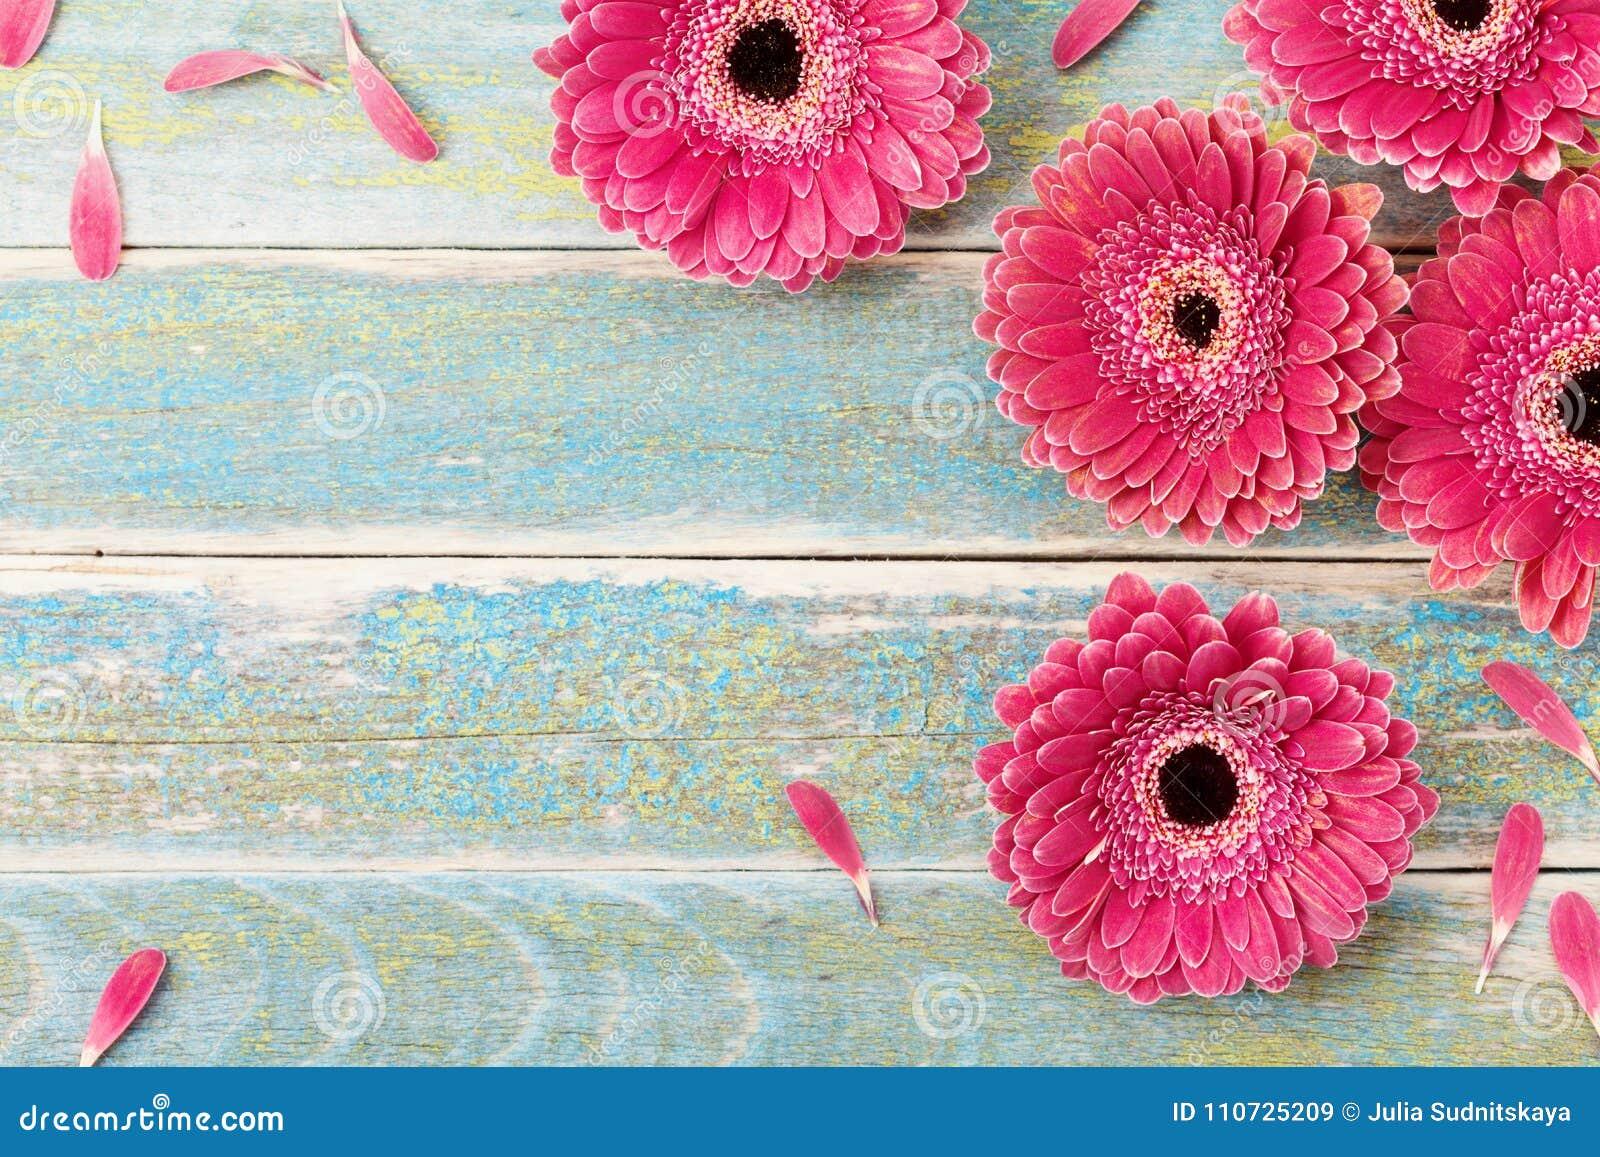 Bakgrund för kort för hälsning för Gerberatusenskönablomma för moder- eller kvinnas dag tappning för stil för illustrationlilja r